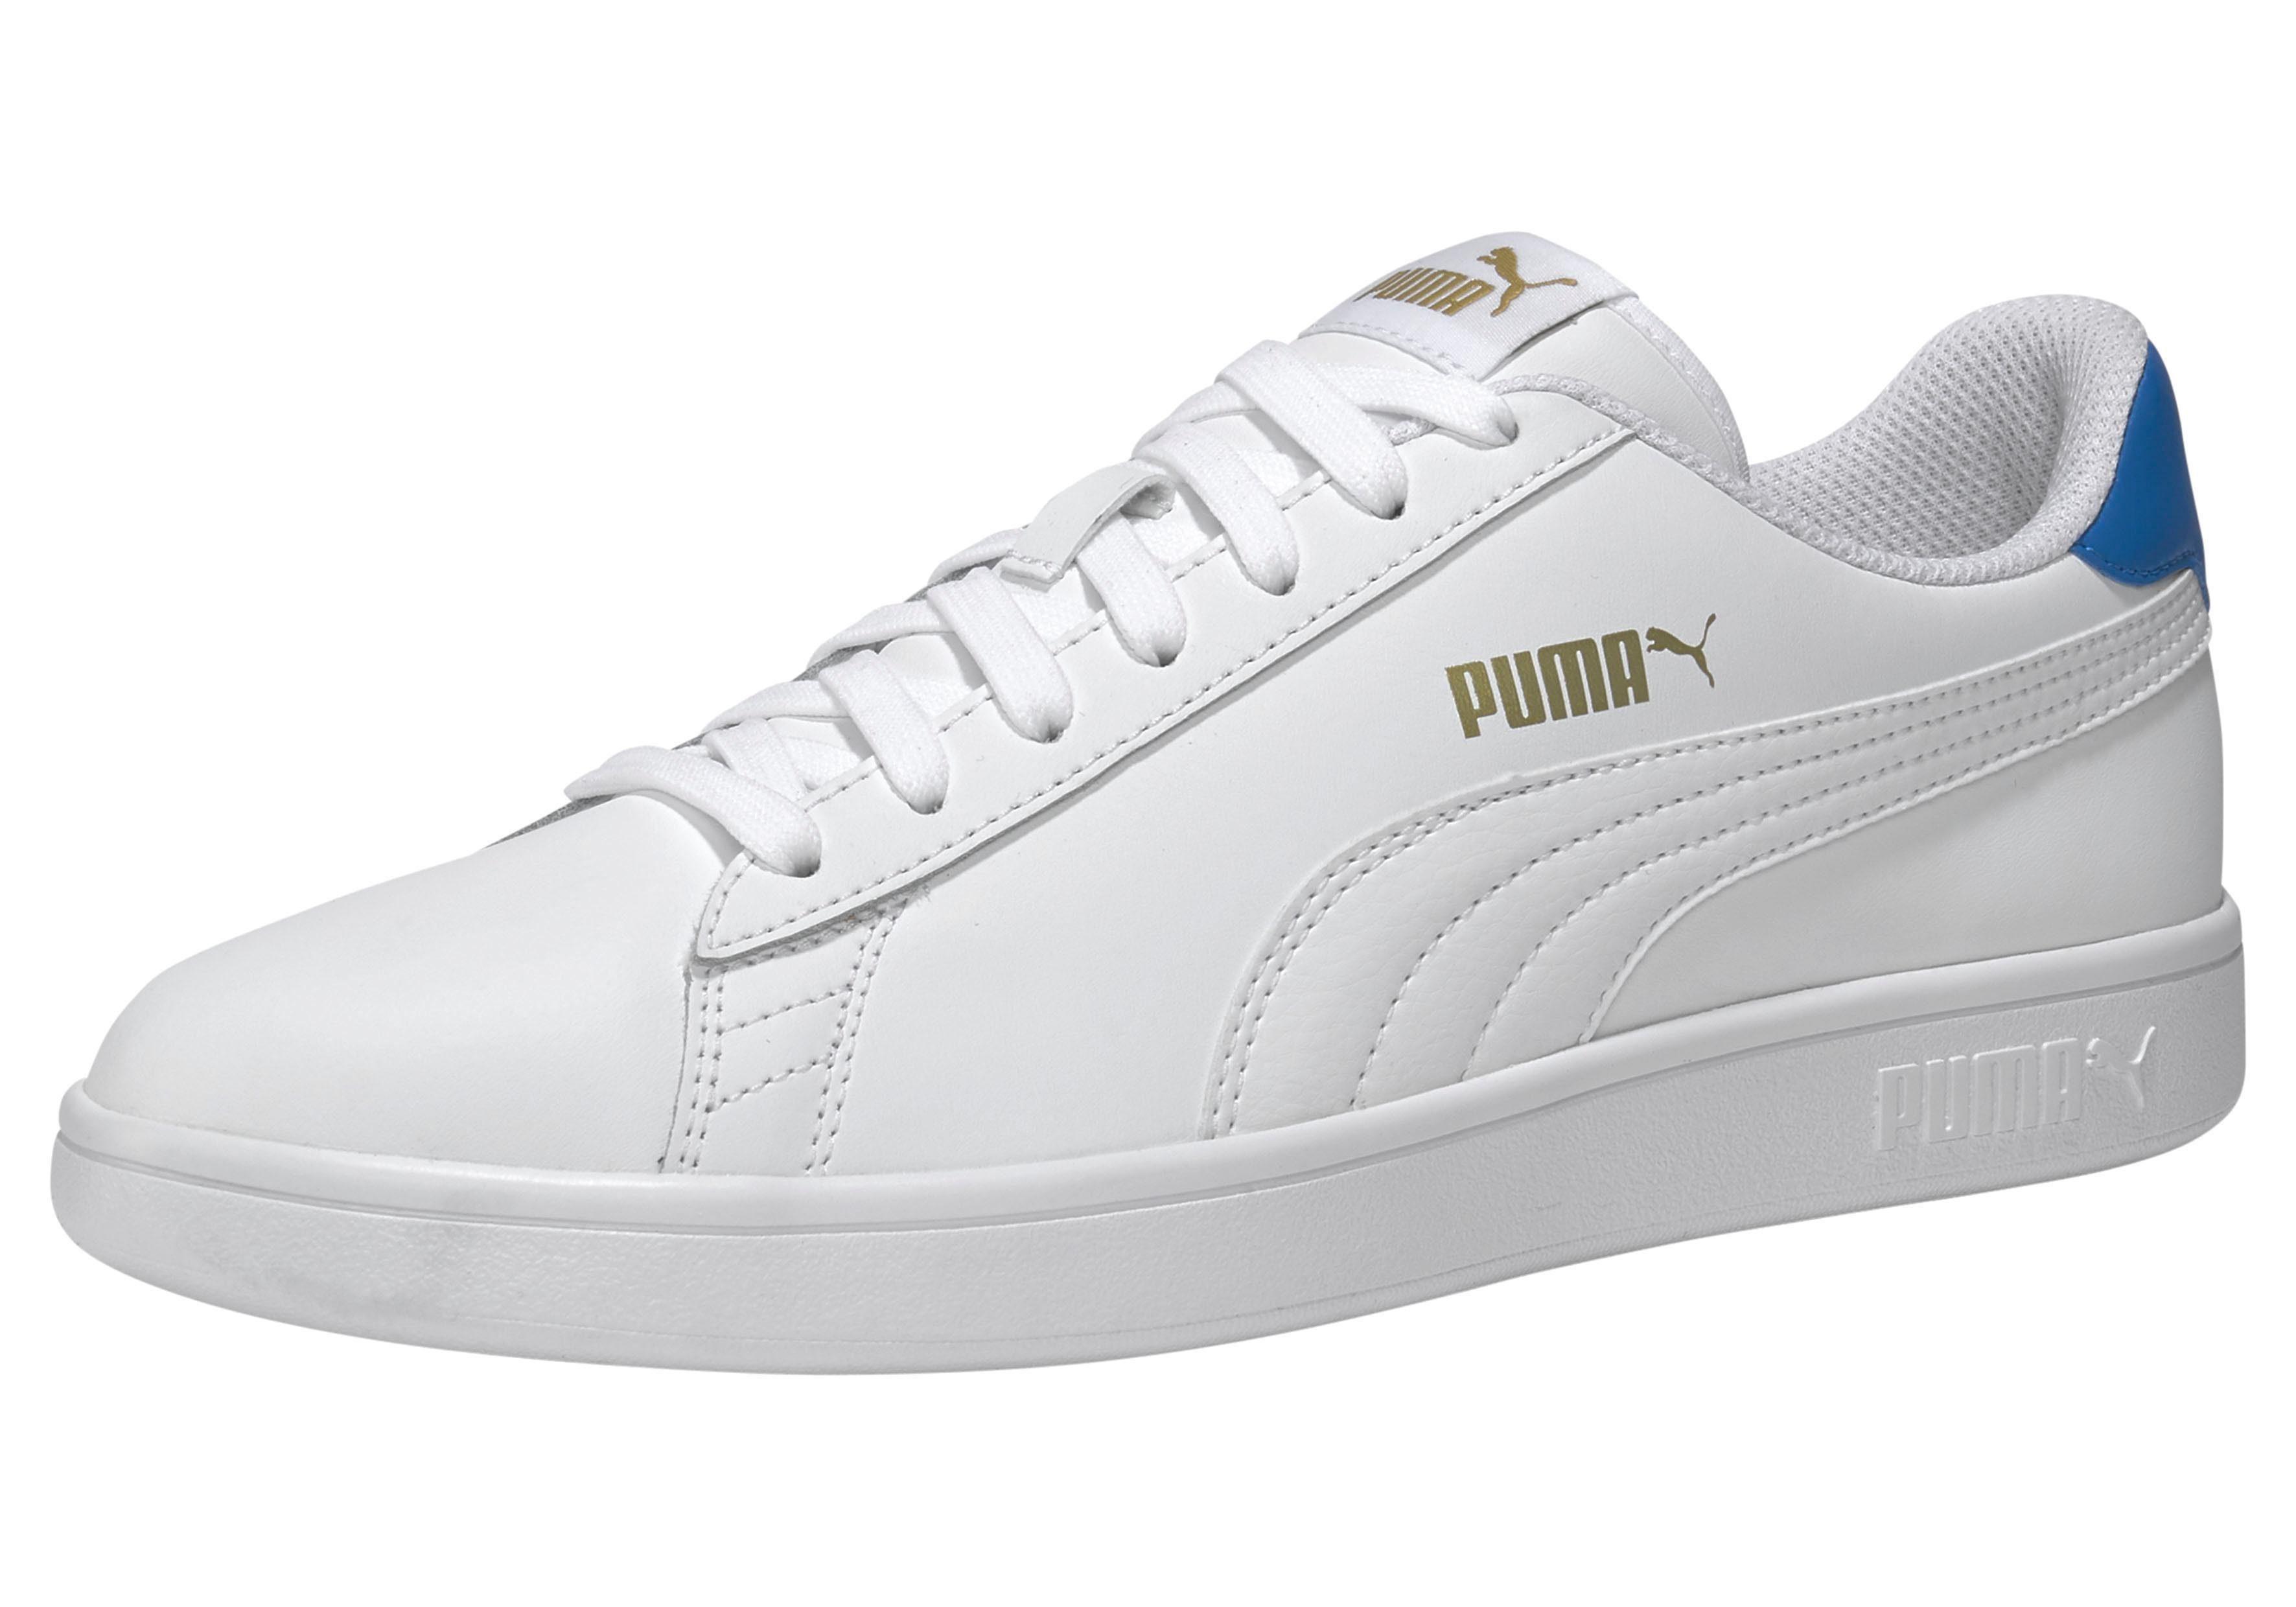 PUMA »Smash v2 L« Sneaker, Klassischer Sneaker von Puma online kaufen | OTTO